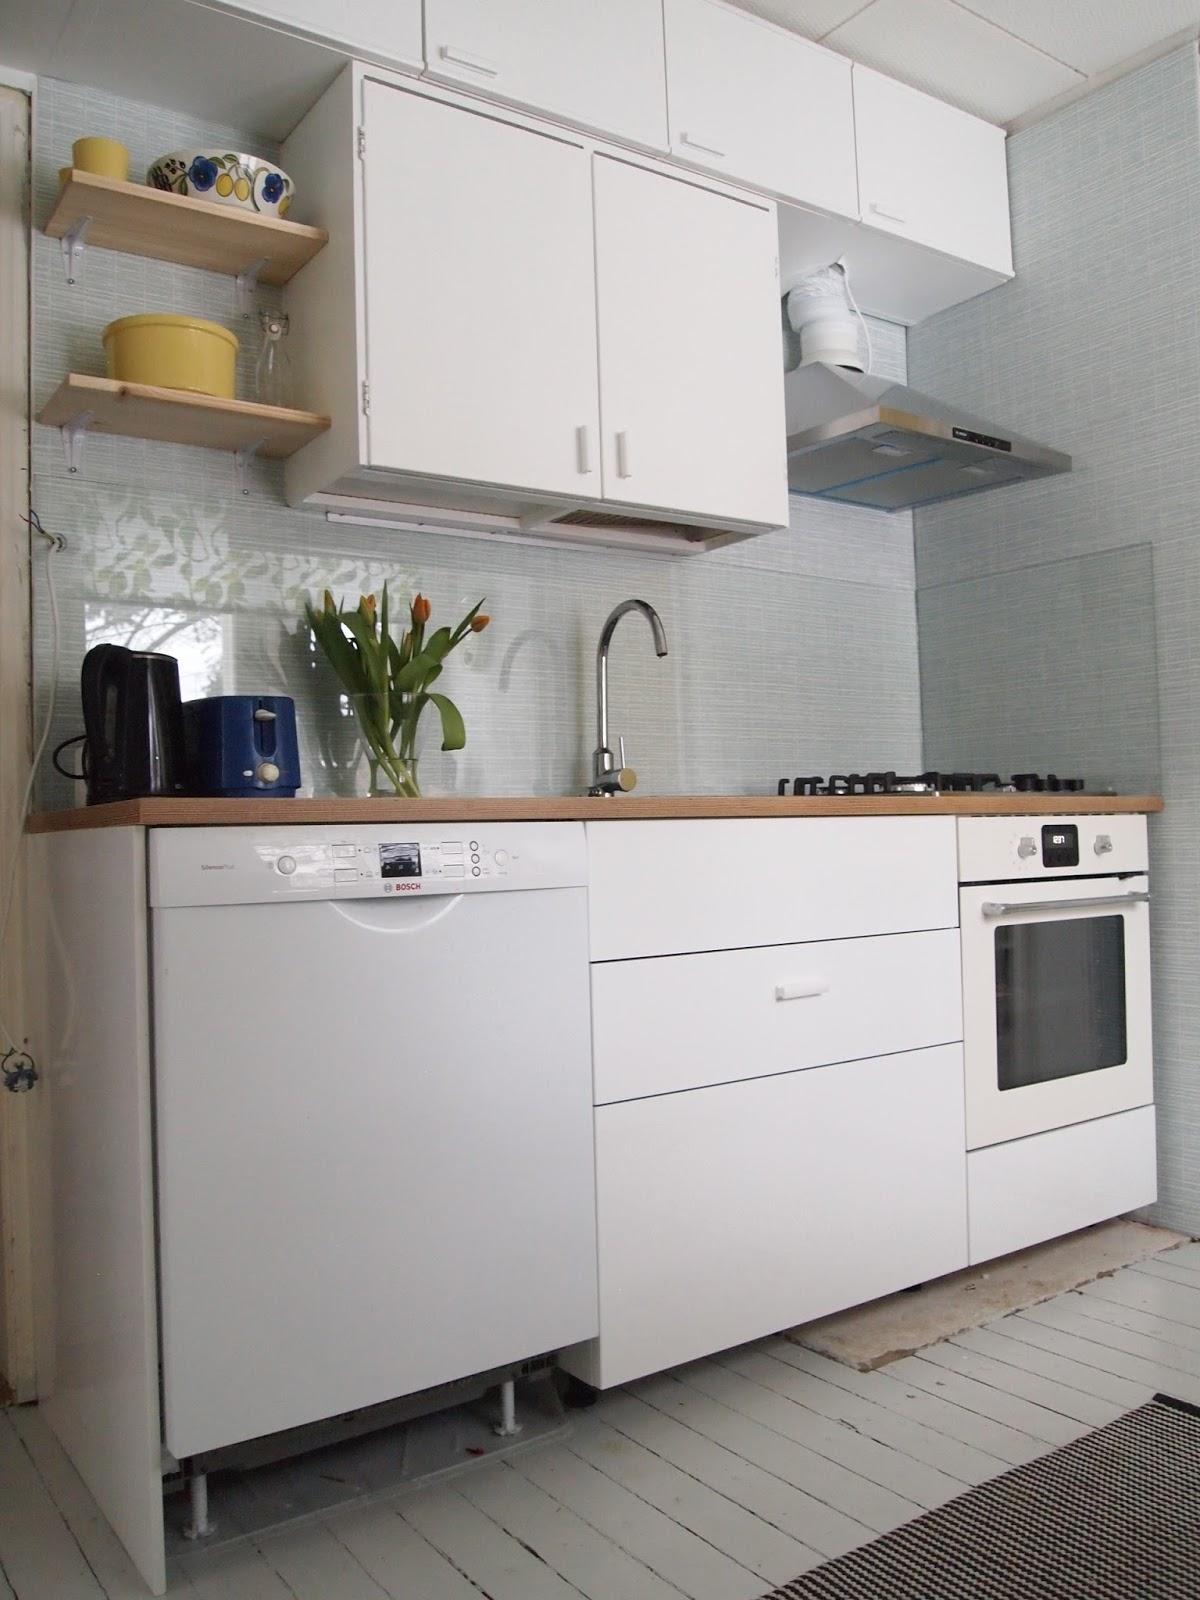 rintamamiestalon keittiön kaapit